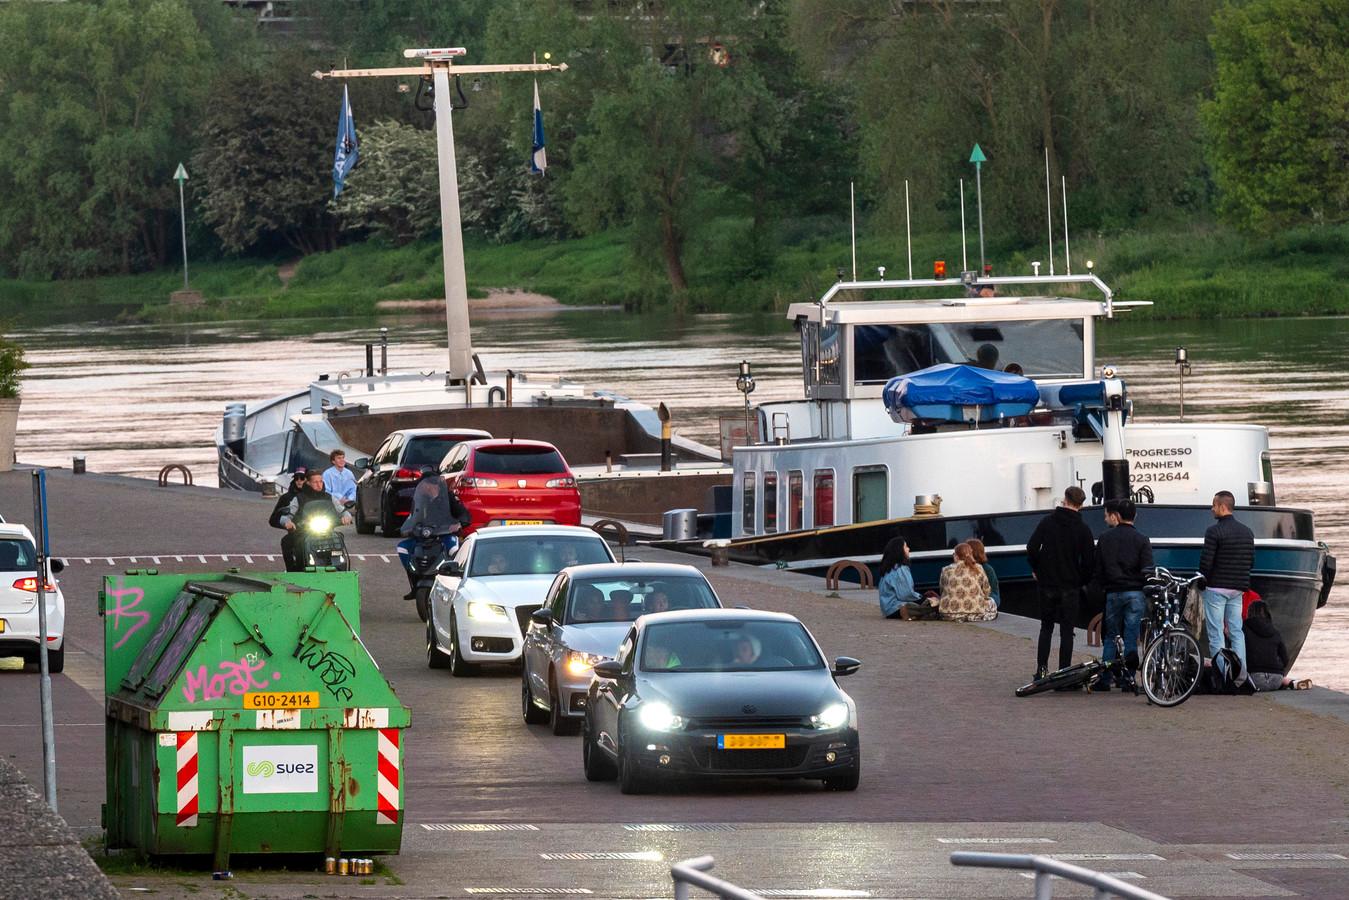 Drukte, straatracen en politiecontroles: er was de afgelopen weken veel te doen om de Arnhemse Rijnkade. Omwonenden klagen over overlast, maar de gemeente Arnhem ziet af van verkeersdrempels om weggebruikers langzamer te laten rijden.